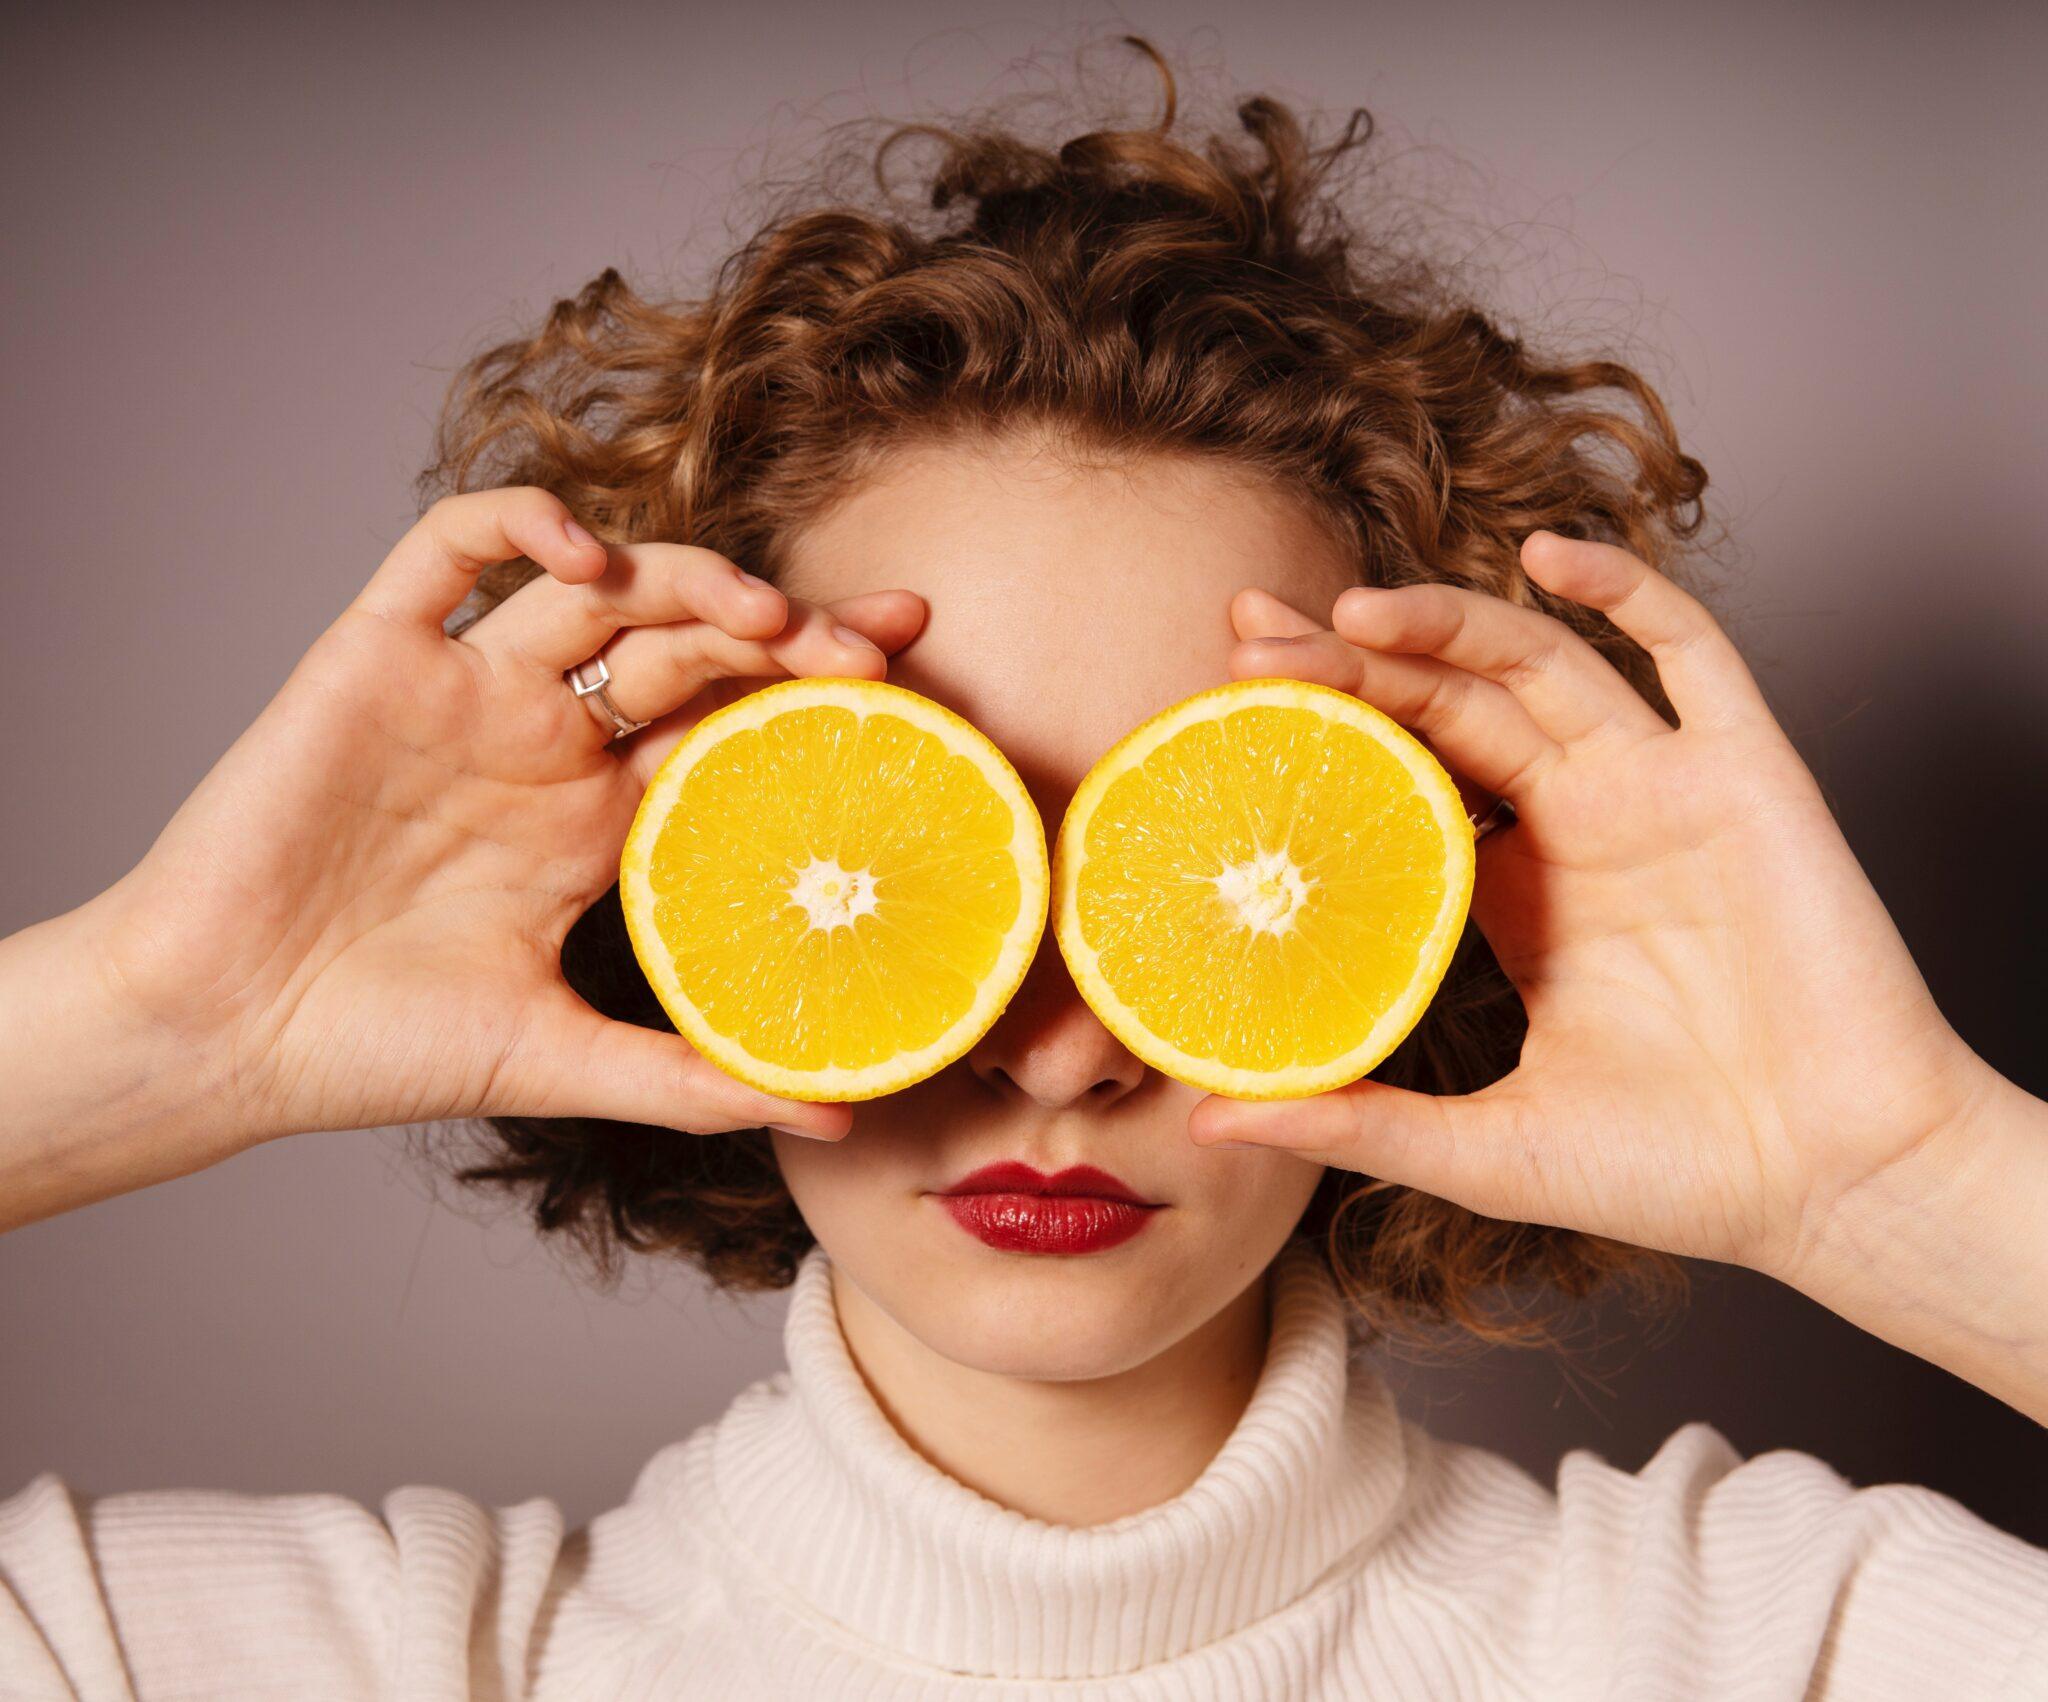 donna usa due fette di agrumi come occhiali